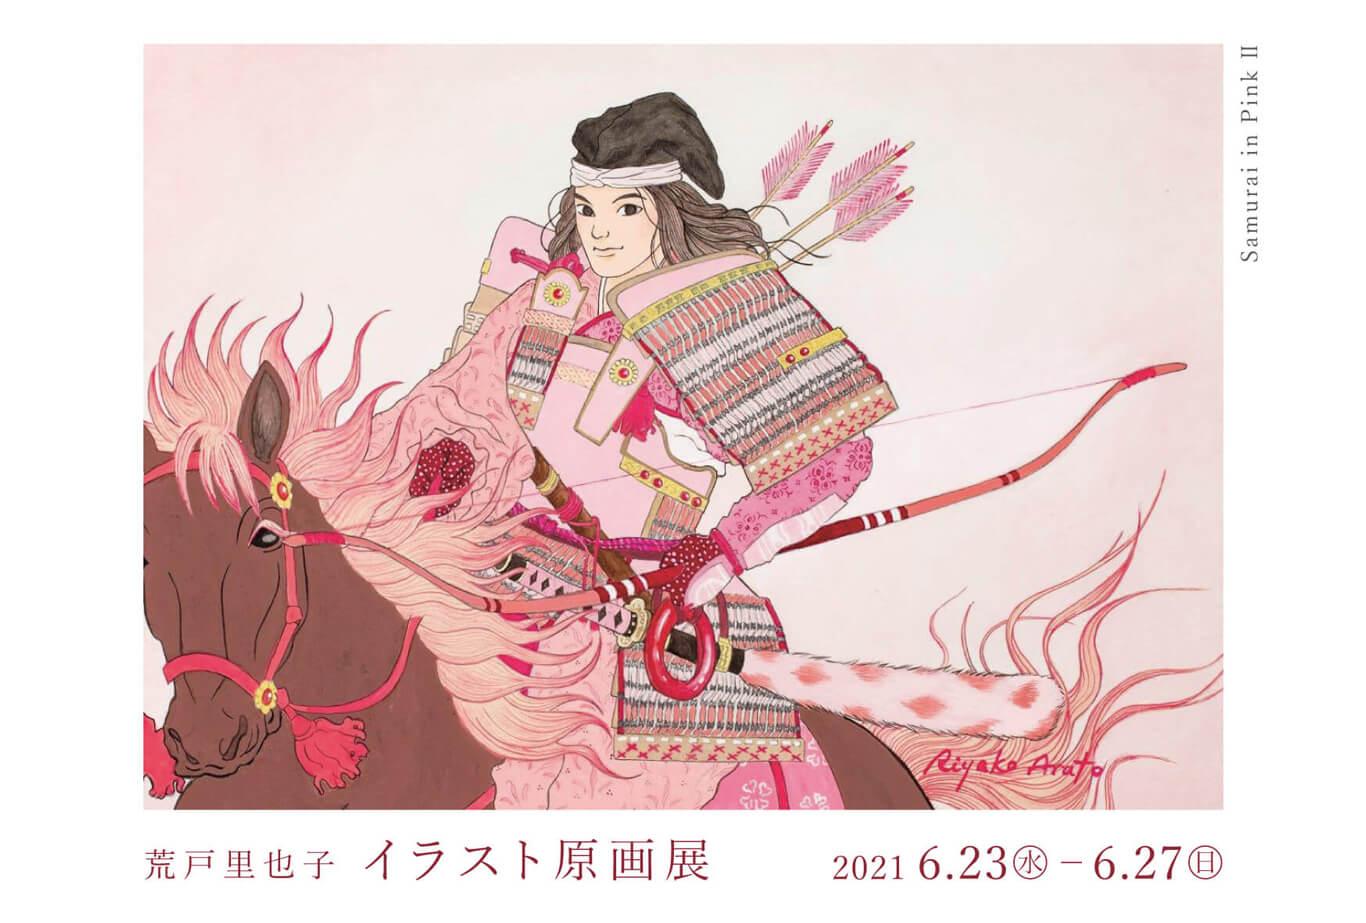 soranoiro-202106-荒戸里也子 イラスト原画展